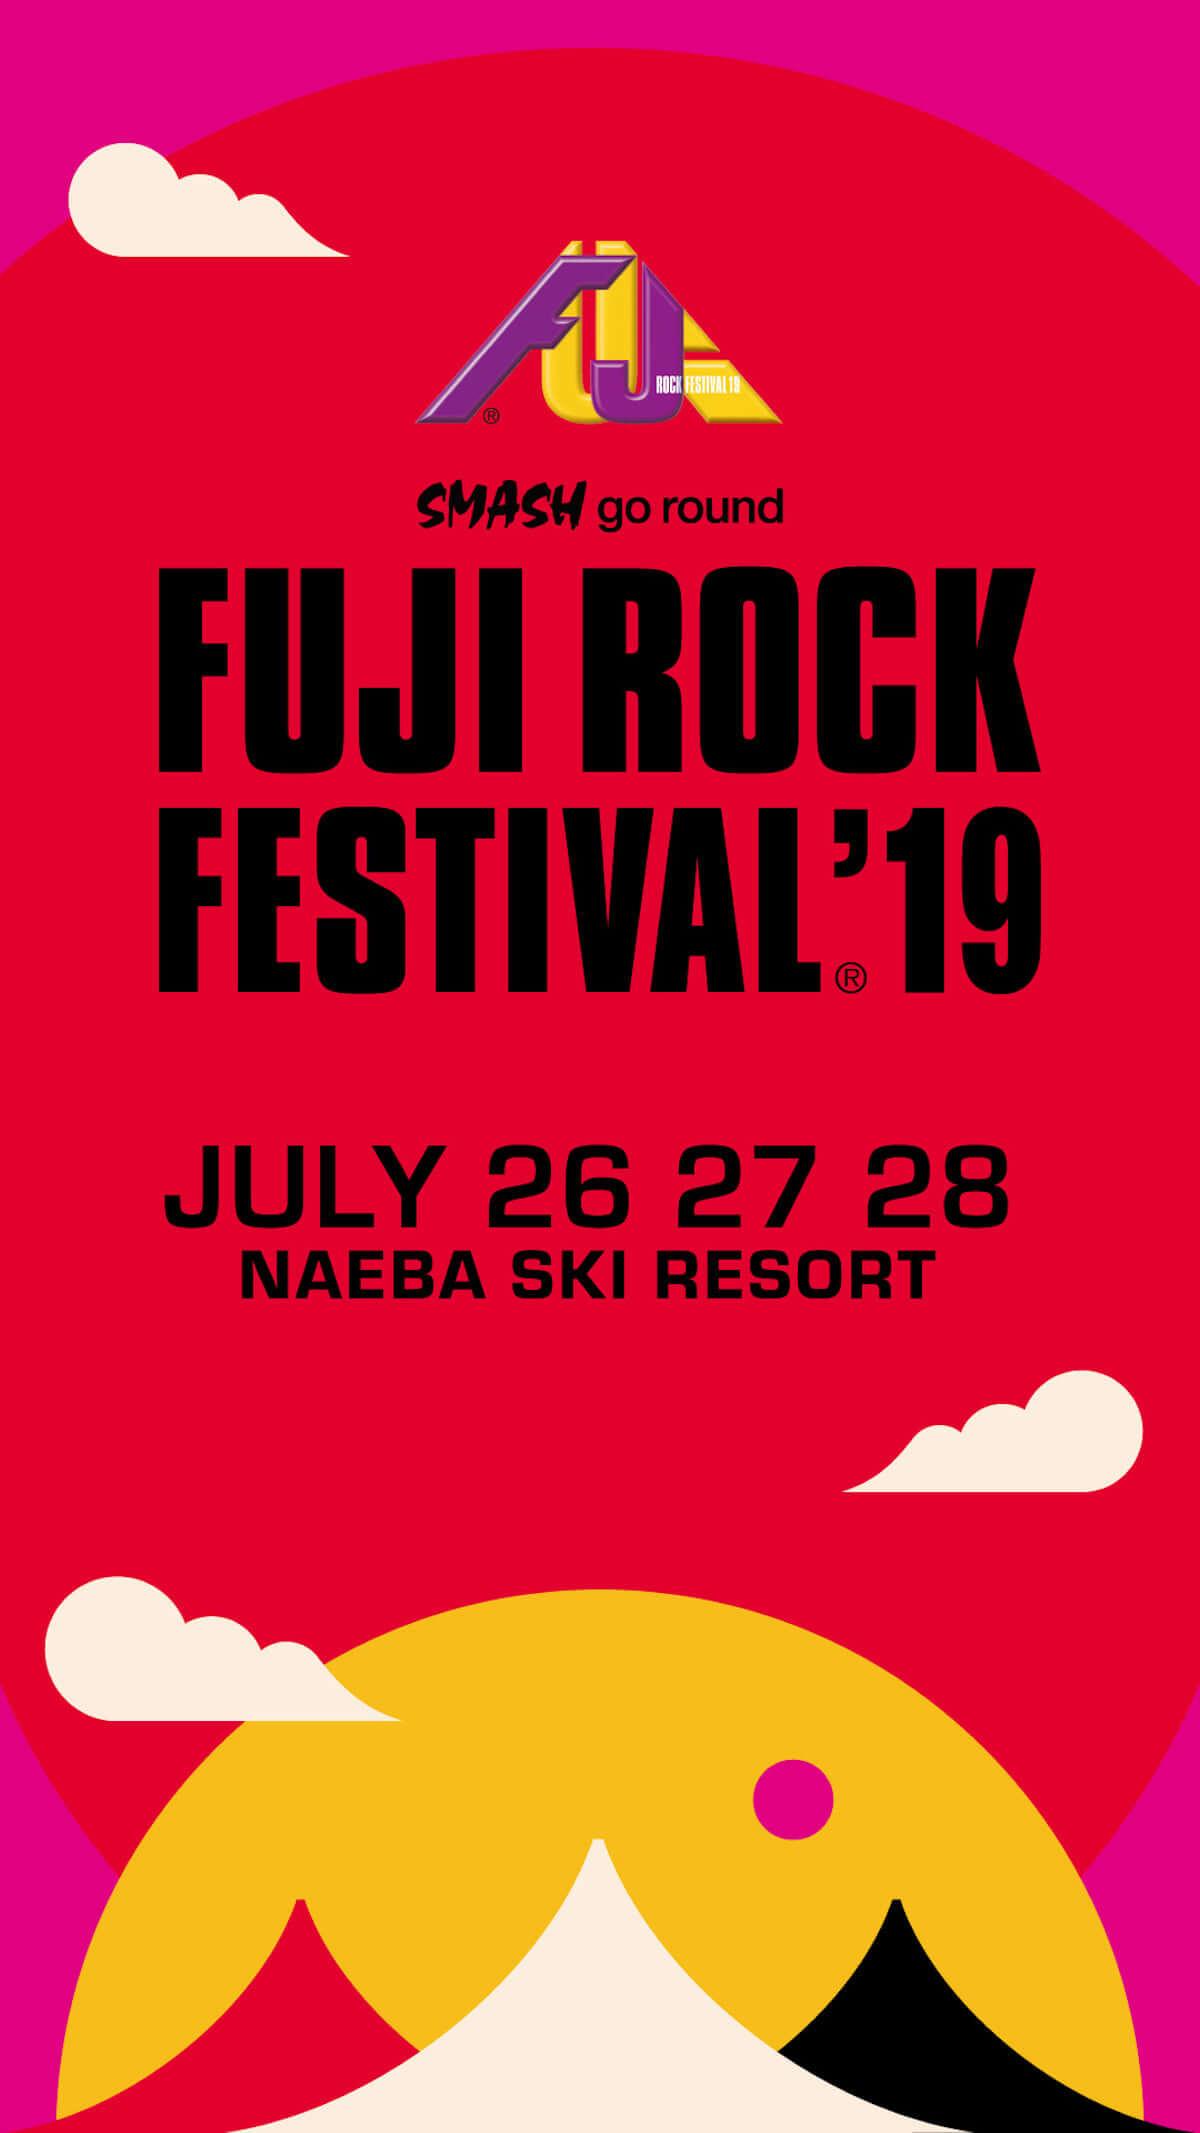 フジロック'19を超お得に楽しもう!豪華先行チケットが2月8日から予約販売開始! music190119-fujirockfestival19-2-1200x2133